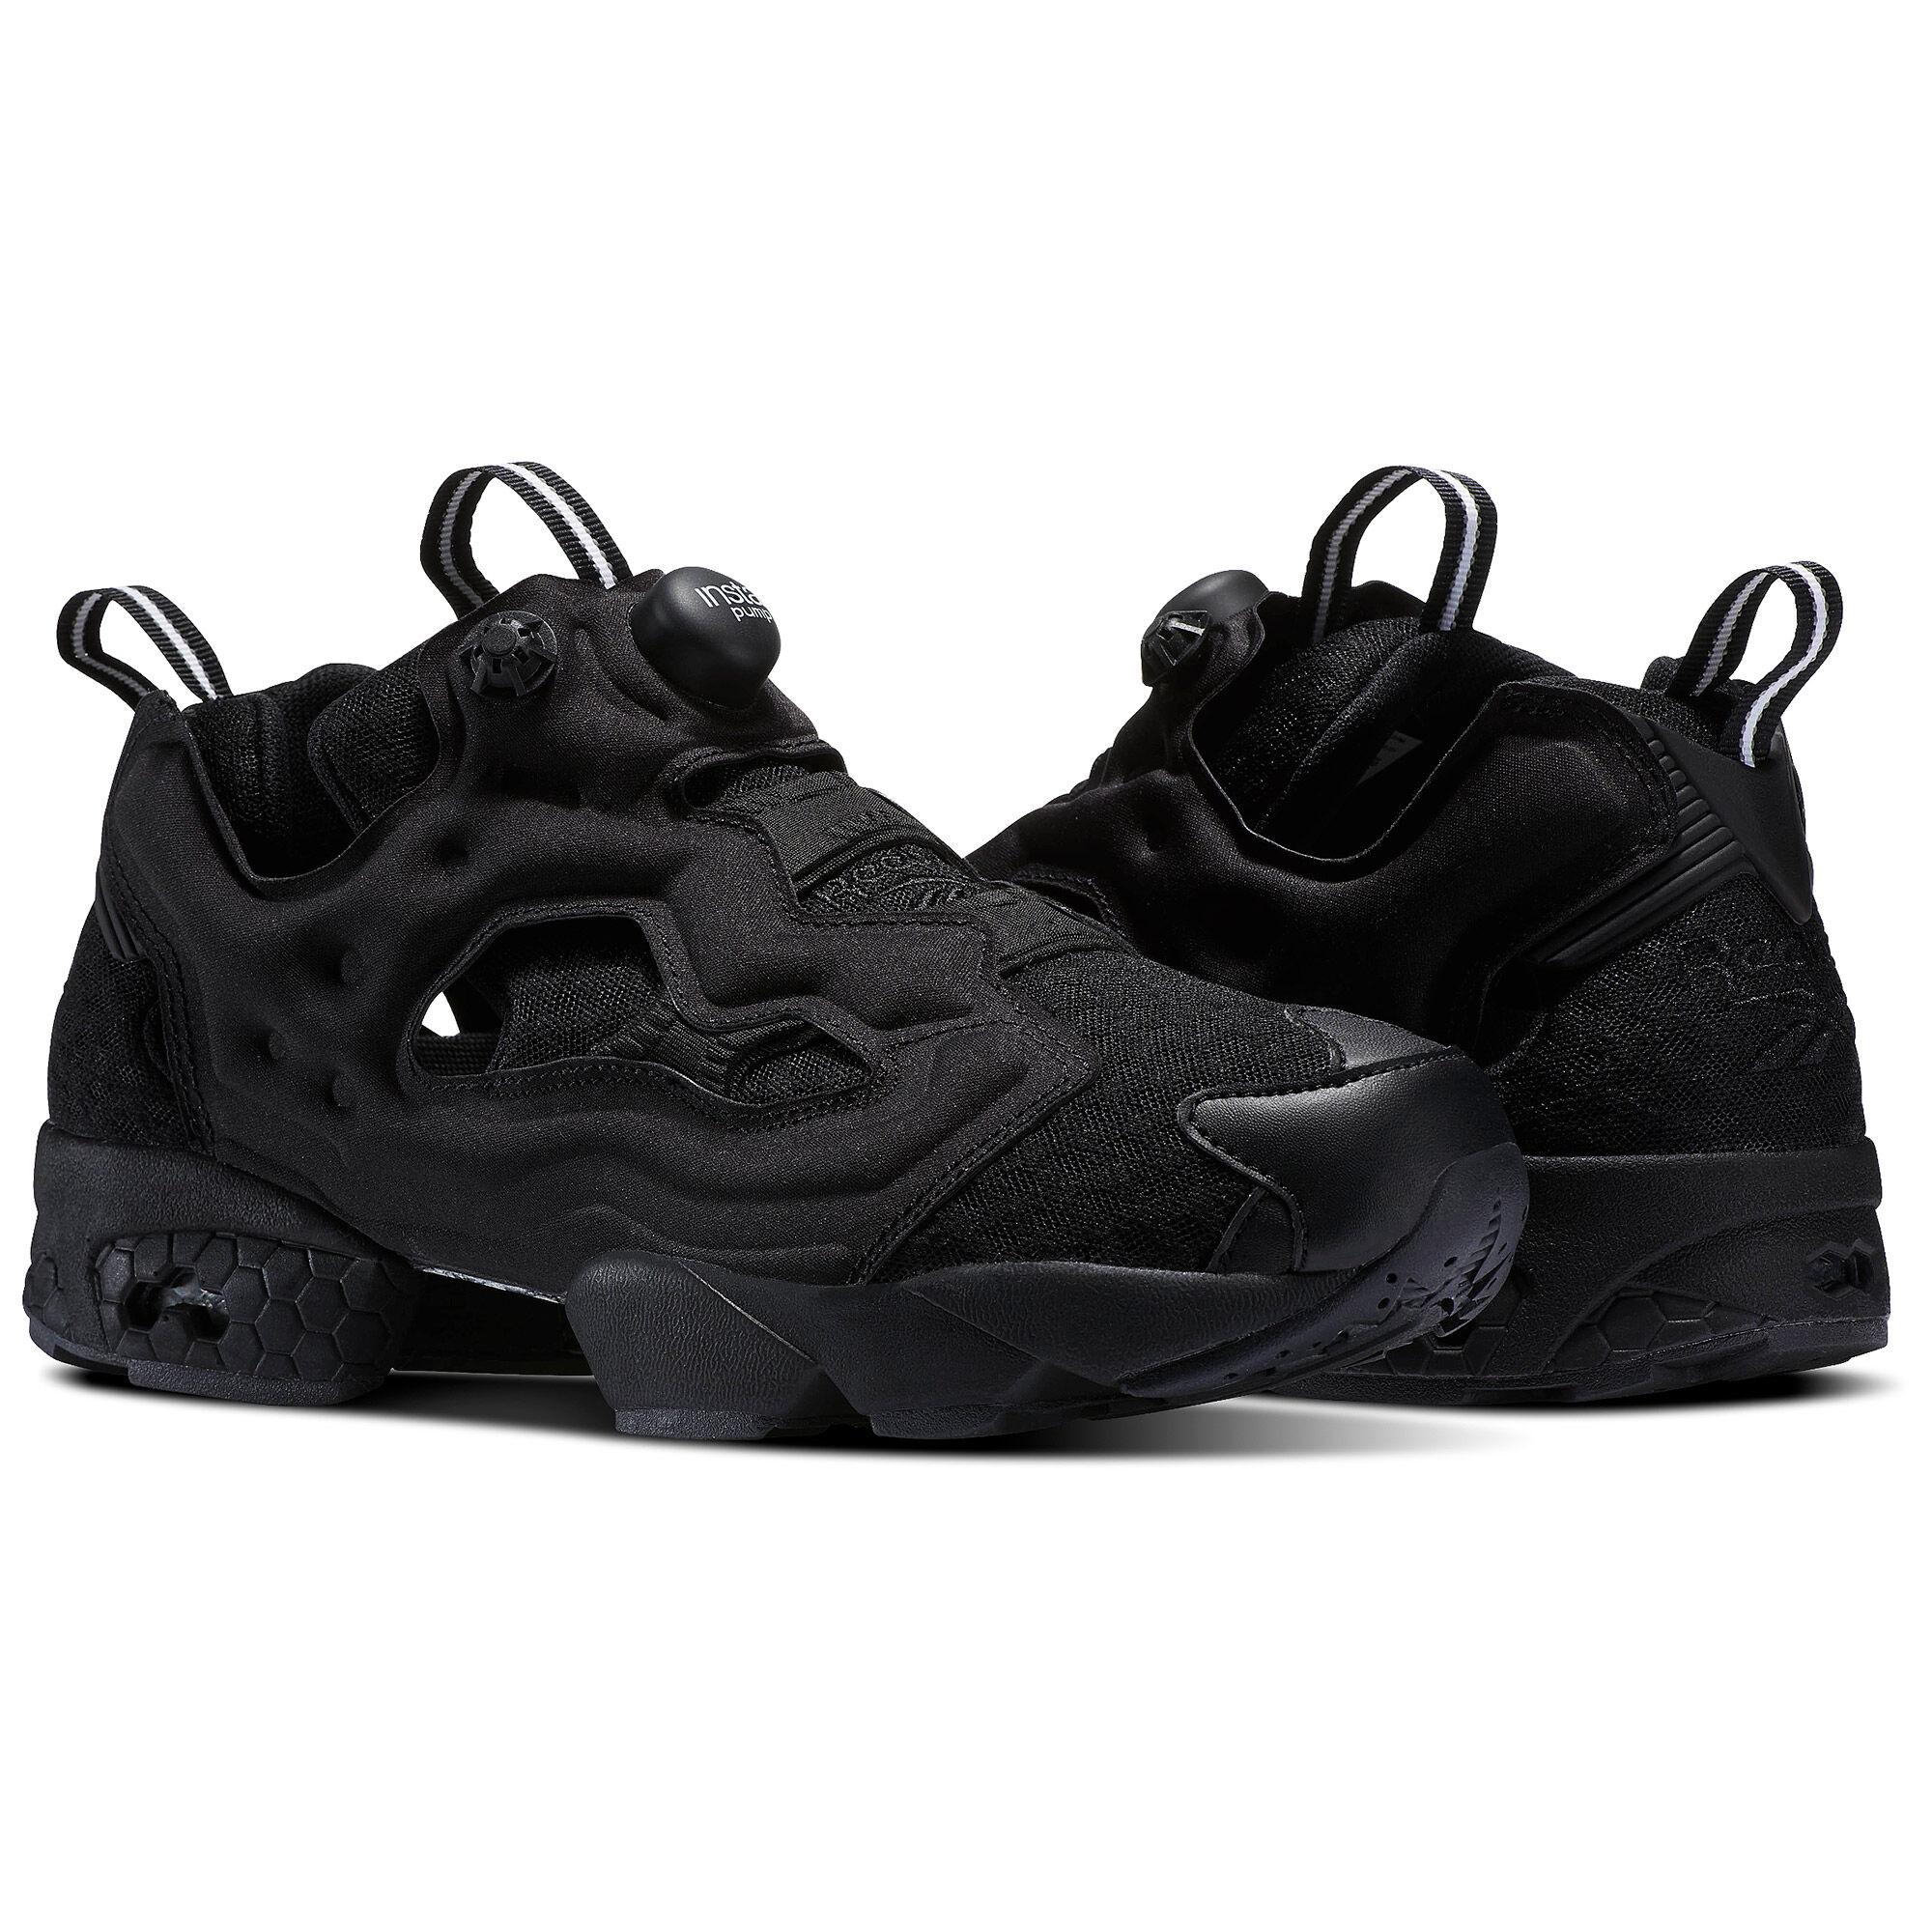 Versus Black Reebok Edition Instapump Fury Sneakers nwrRVcp